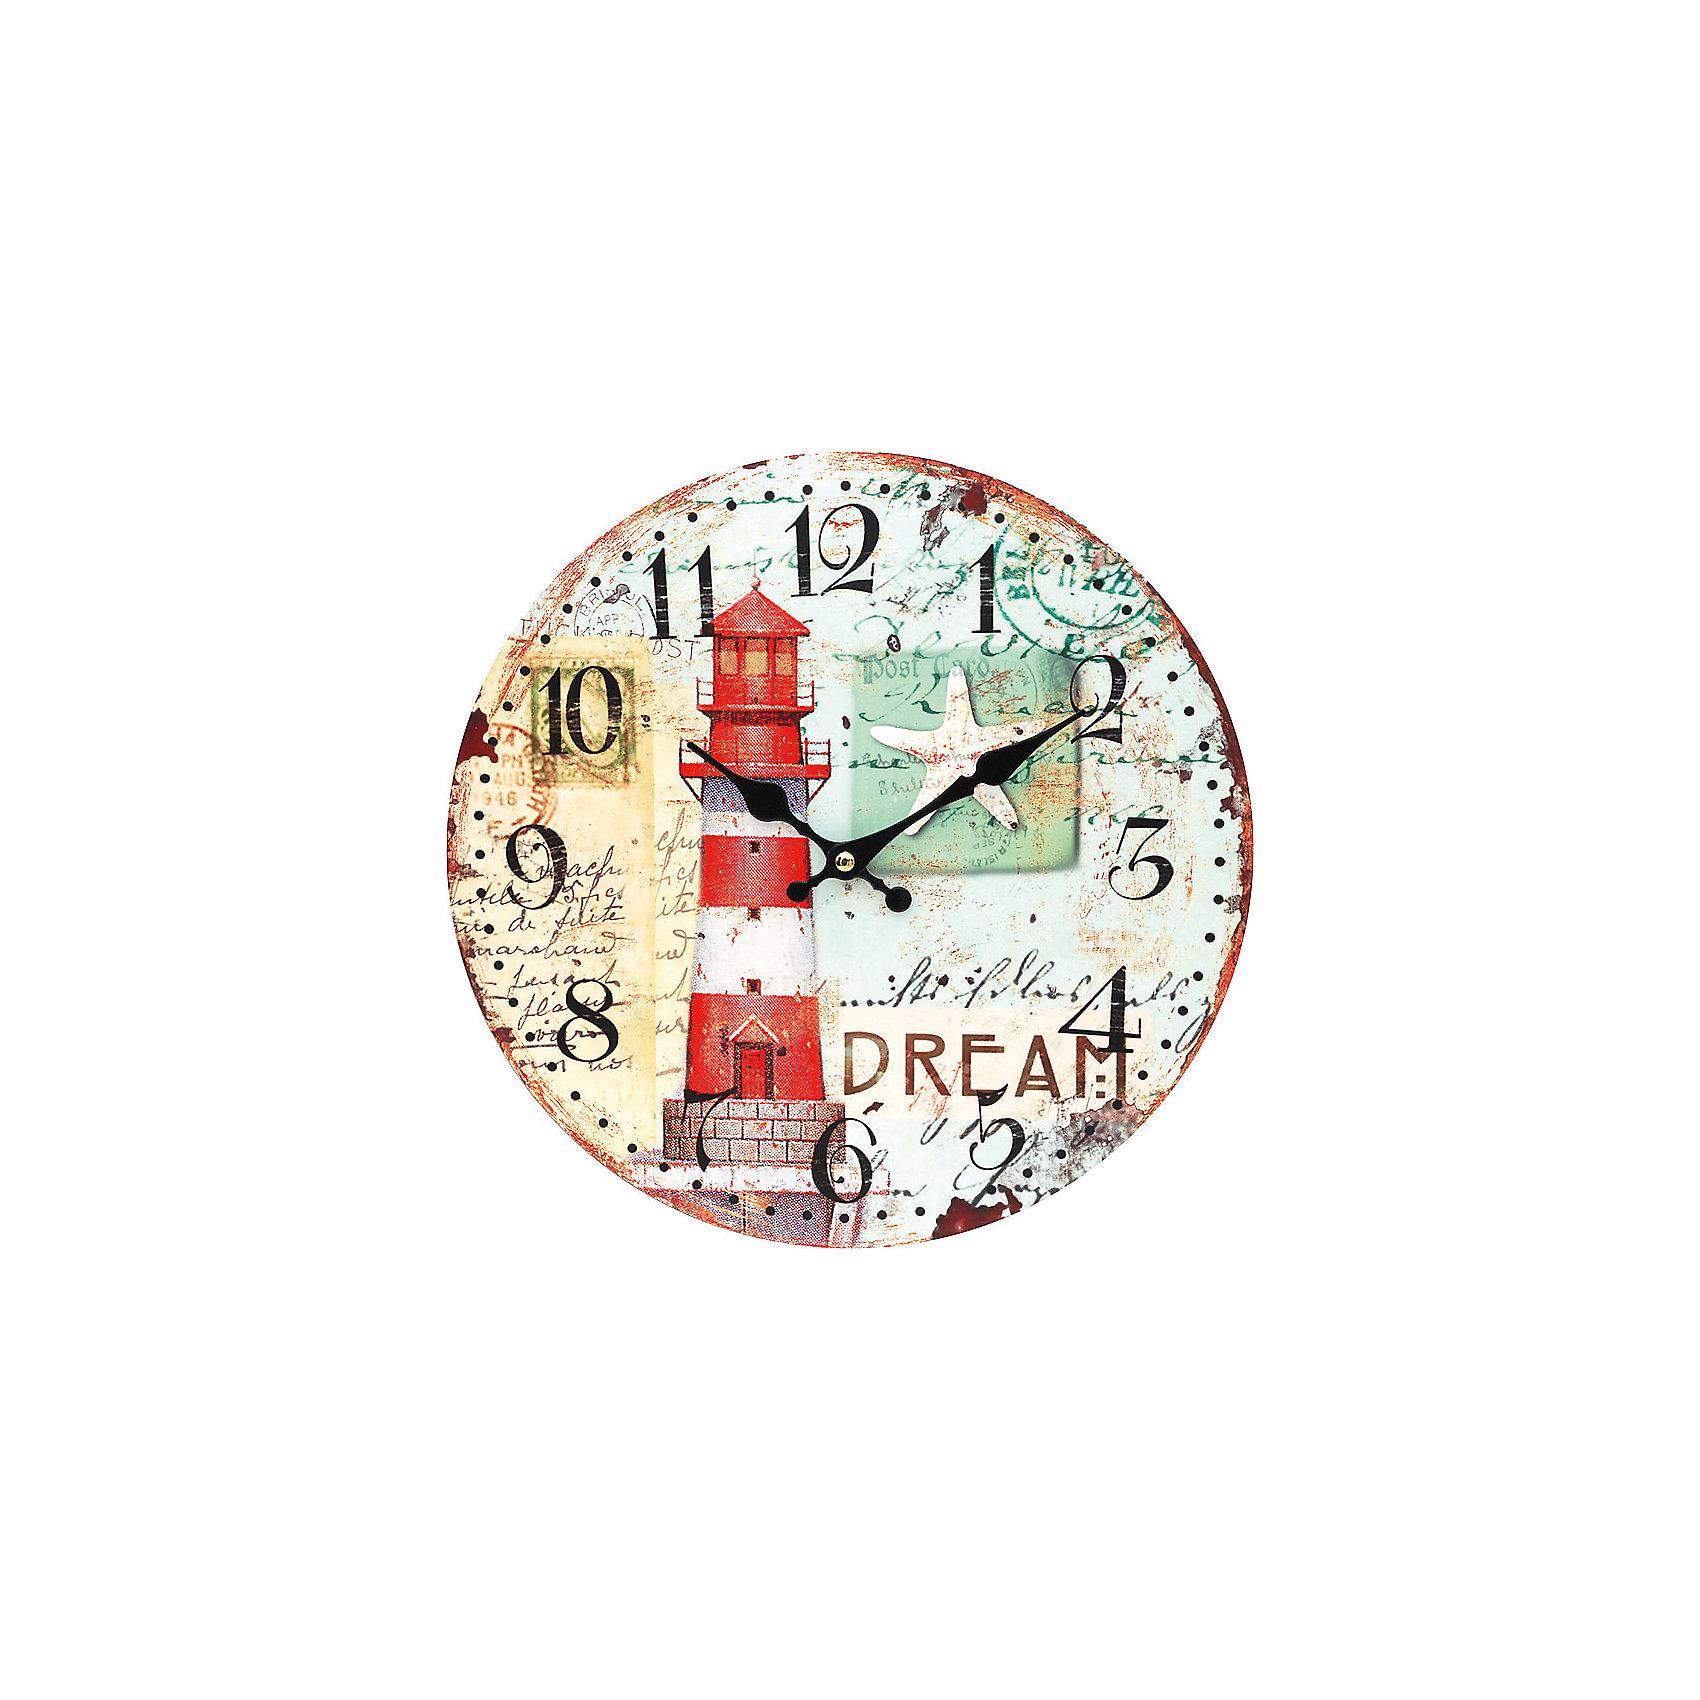 Часы настенные Маяк, диаметр 34 смПредметы интерьера<br>Часы настенные Маяк, диаметр 34 см.<br><br>Характеристики:<br><br>- Диаметр: 34 см.<br>- Две стрелки часовая и минутная<br>- Батарейка: 1 типа АА (в комплект не входит)<br>- Цвет: белый, кремовый, серо-зеленый, красный<br>- Упаковка картонная коробка<br><br>Кварцевые настенные часы с механизмом плавного хода помимо своего прямого назначения – показывать точное время – станут важным элементом декора Вашего дома, квартиры или офиса. Открытый циферблат часов выполнен из листа оргалита с декоративным покрытием, оформлен изображением маяка и морской звезды. Часовая и минутная стрелки металлические. Часовой механизм закрыт пластиковым корпусом. Часы будут ярким акцентом в интерьере и создадут дополнительный уют и хорошее настроение.<br><br>Часы настенные Маяк, диаметр 34 см можно купить в нашем интернет-магазине.<br><br>Ширина мм: 345<br>Глубина мм: 340<br>Высота мм: 45<br>Вес г: 2500<br>Возраст от месяцев: 72<br>Возраст до месяцев: 144<br>Пол: Унисекс<br>Возраст: Детский<br>SKU: 5089832